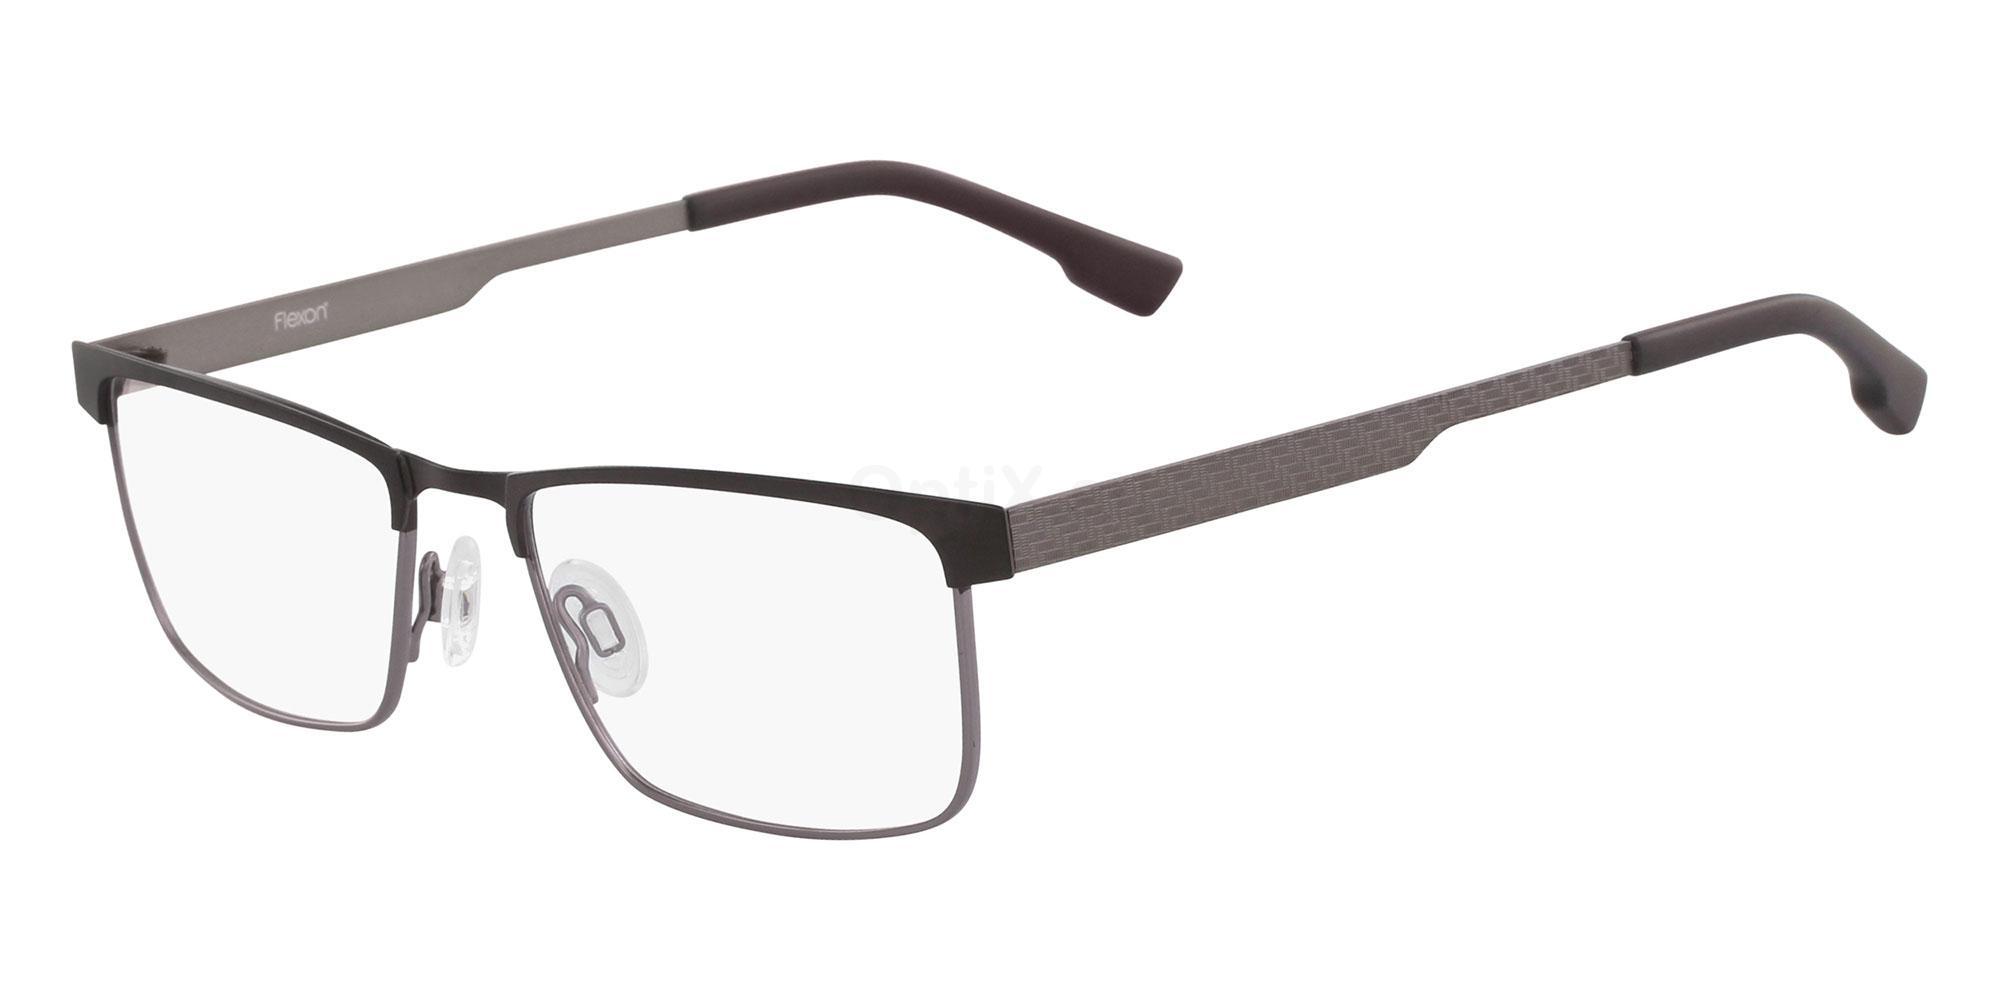 001 FLEXON E1035 Glasses, Flexon